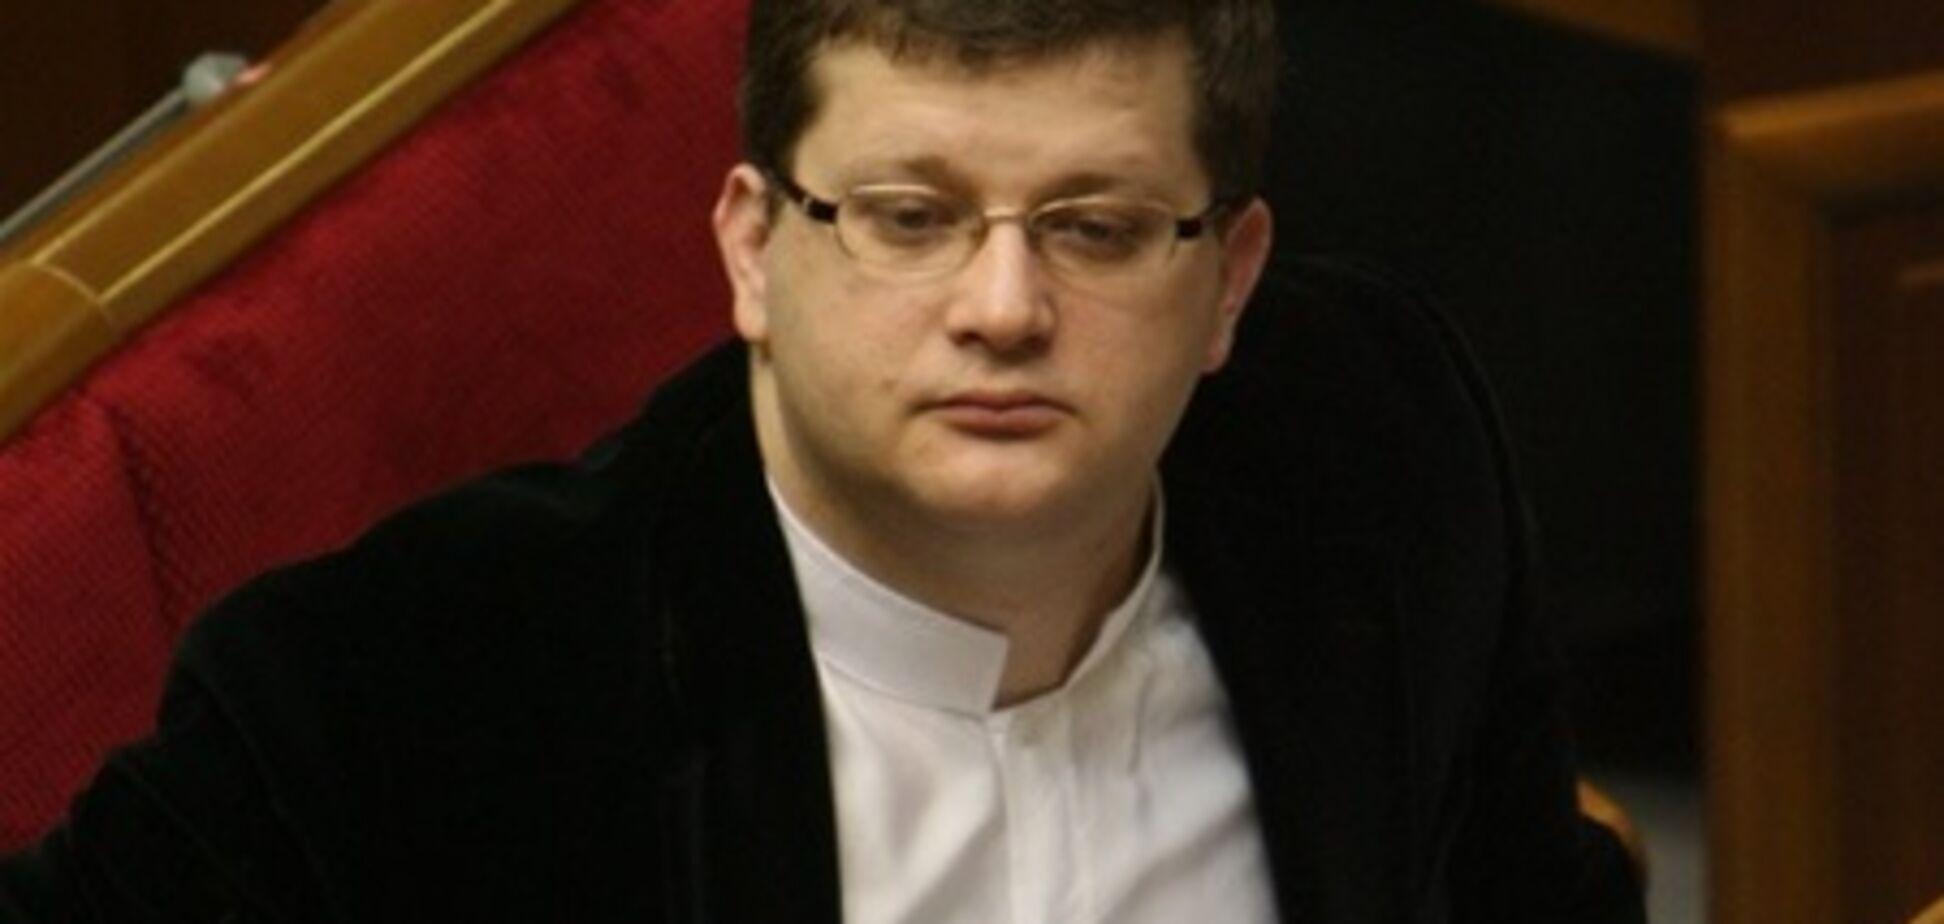 У Луценка напади, а прокурори 'ржуть' - Ар'єв